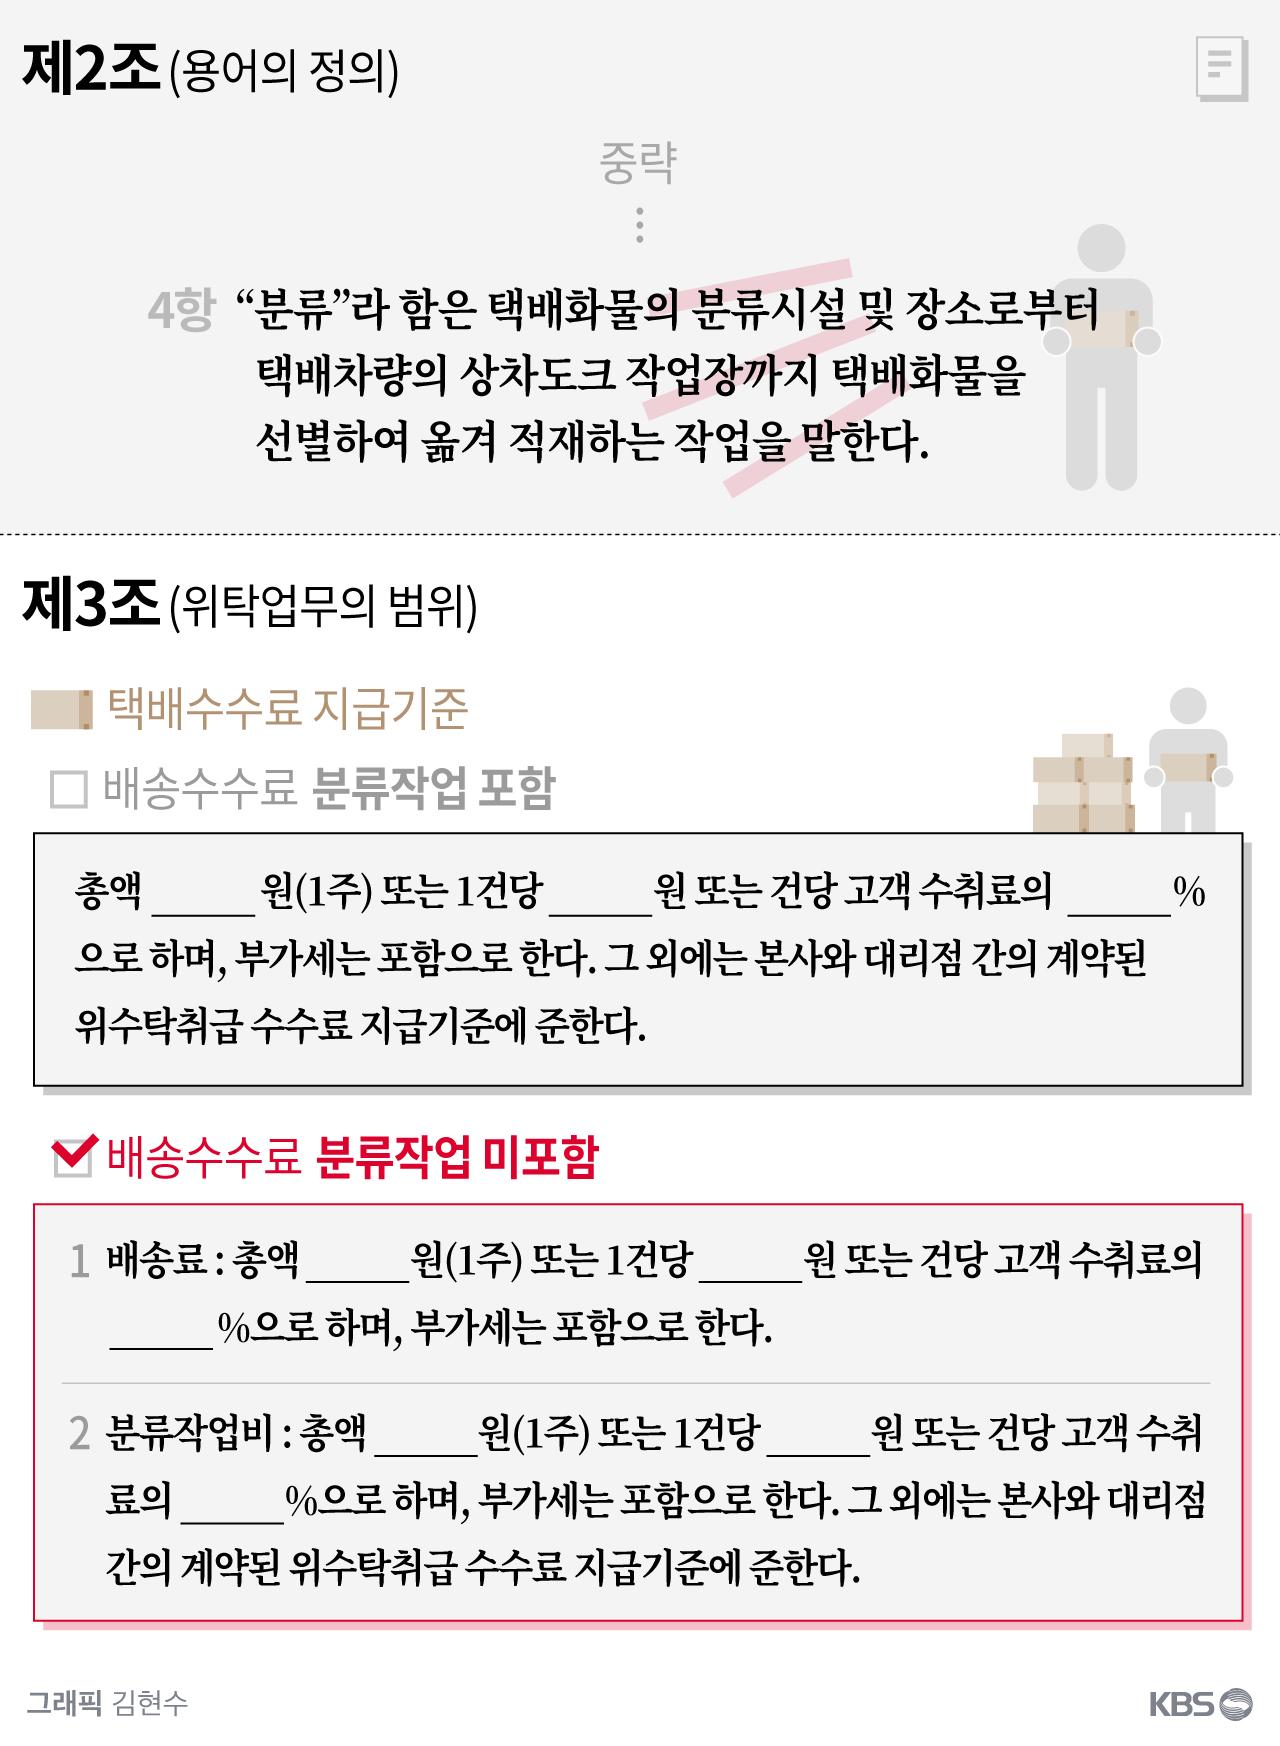 2018년 표준 택배운송 위·수탁 계약서(안) 일부 발췌 (출처: 국회 국토위 장경태 의원실)